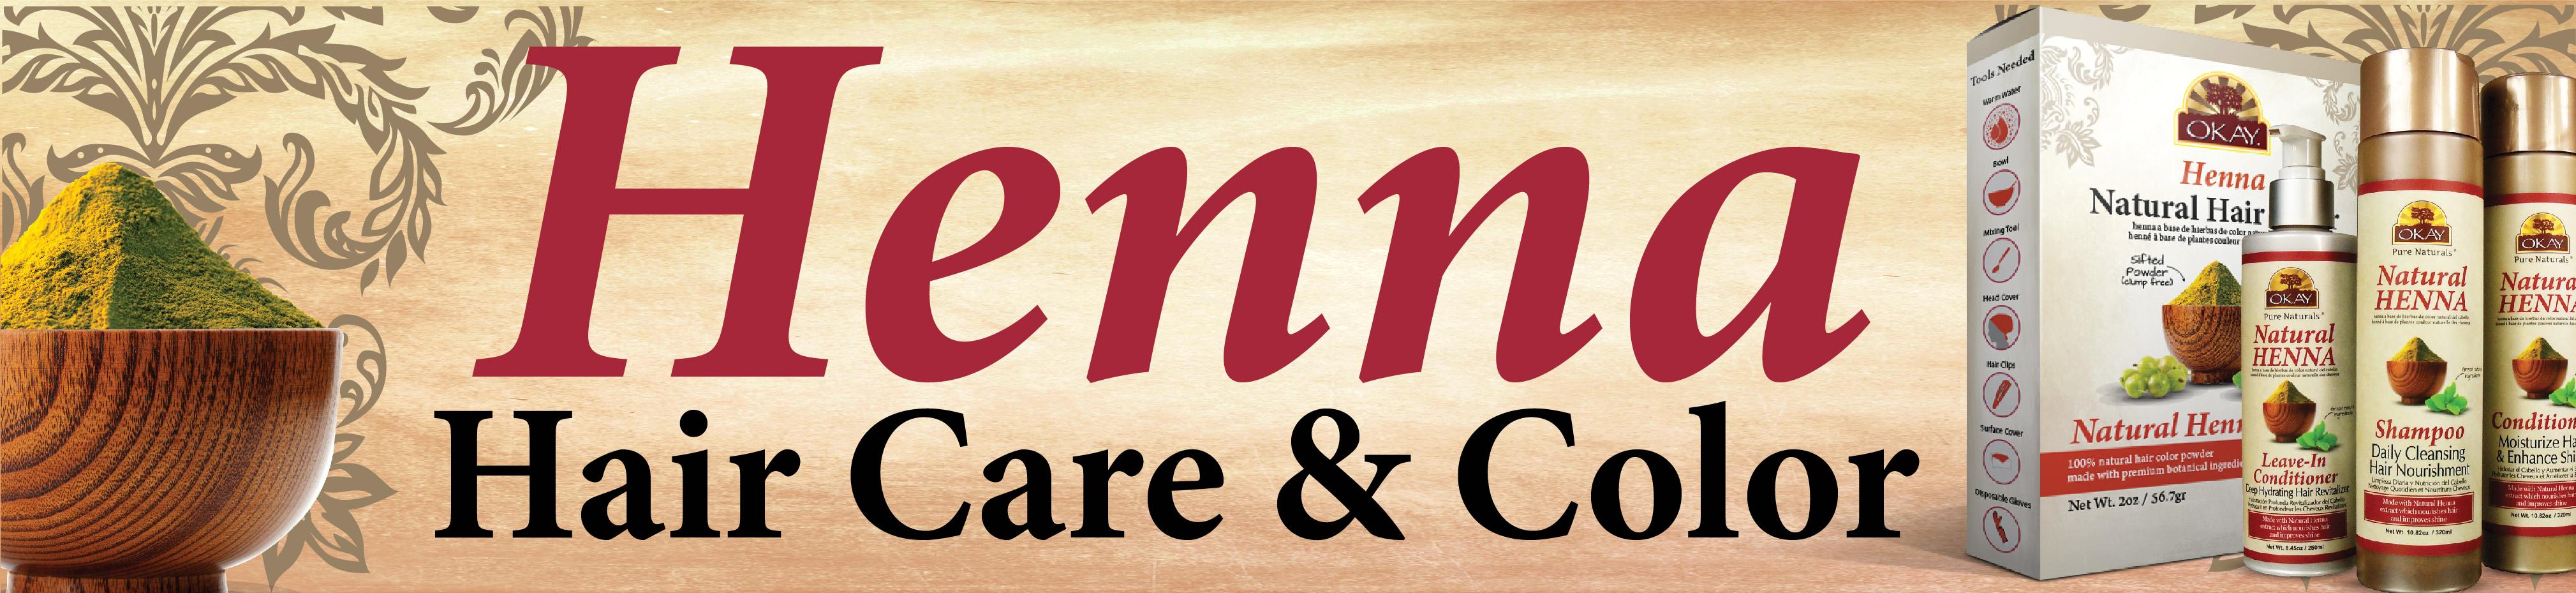 henna-hair-care-12-12.jpg